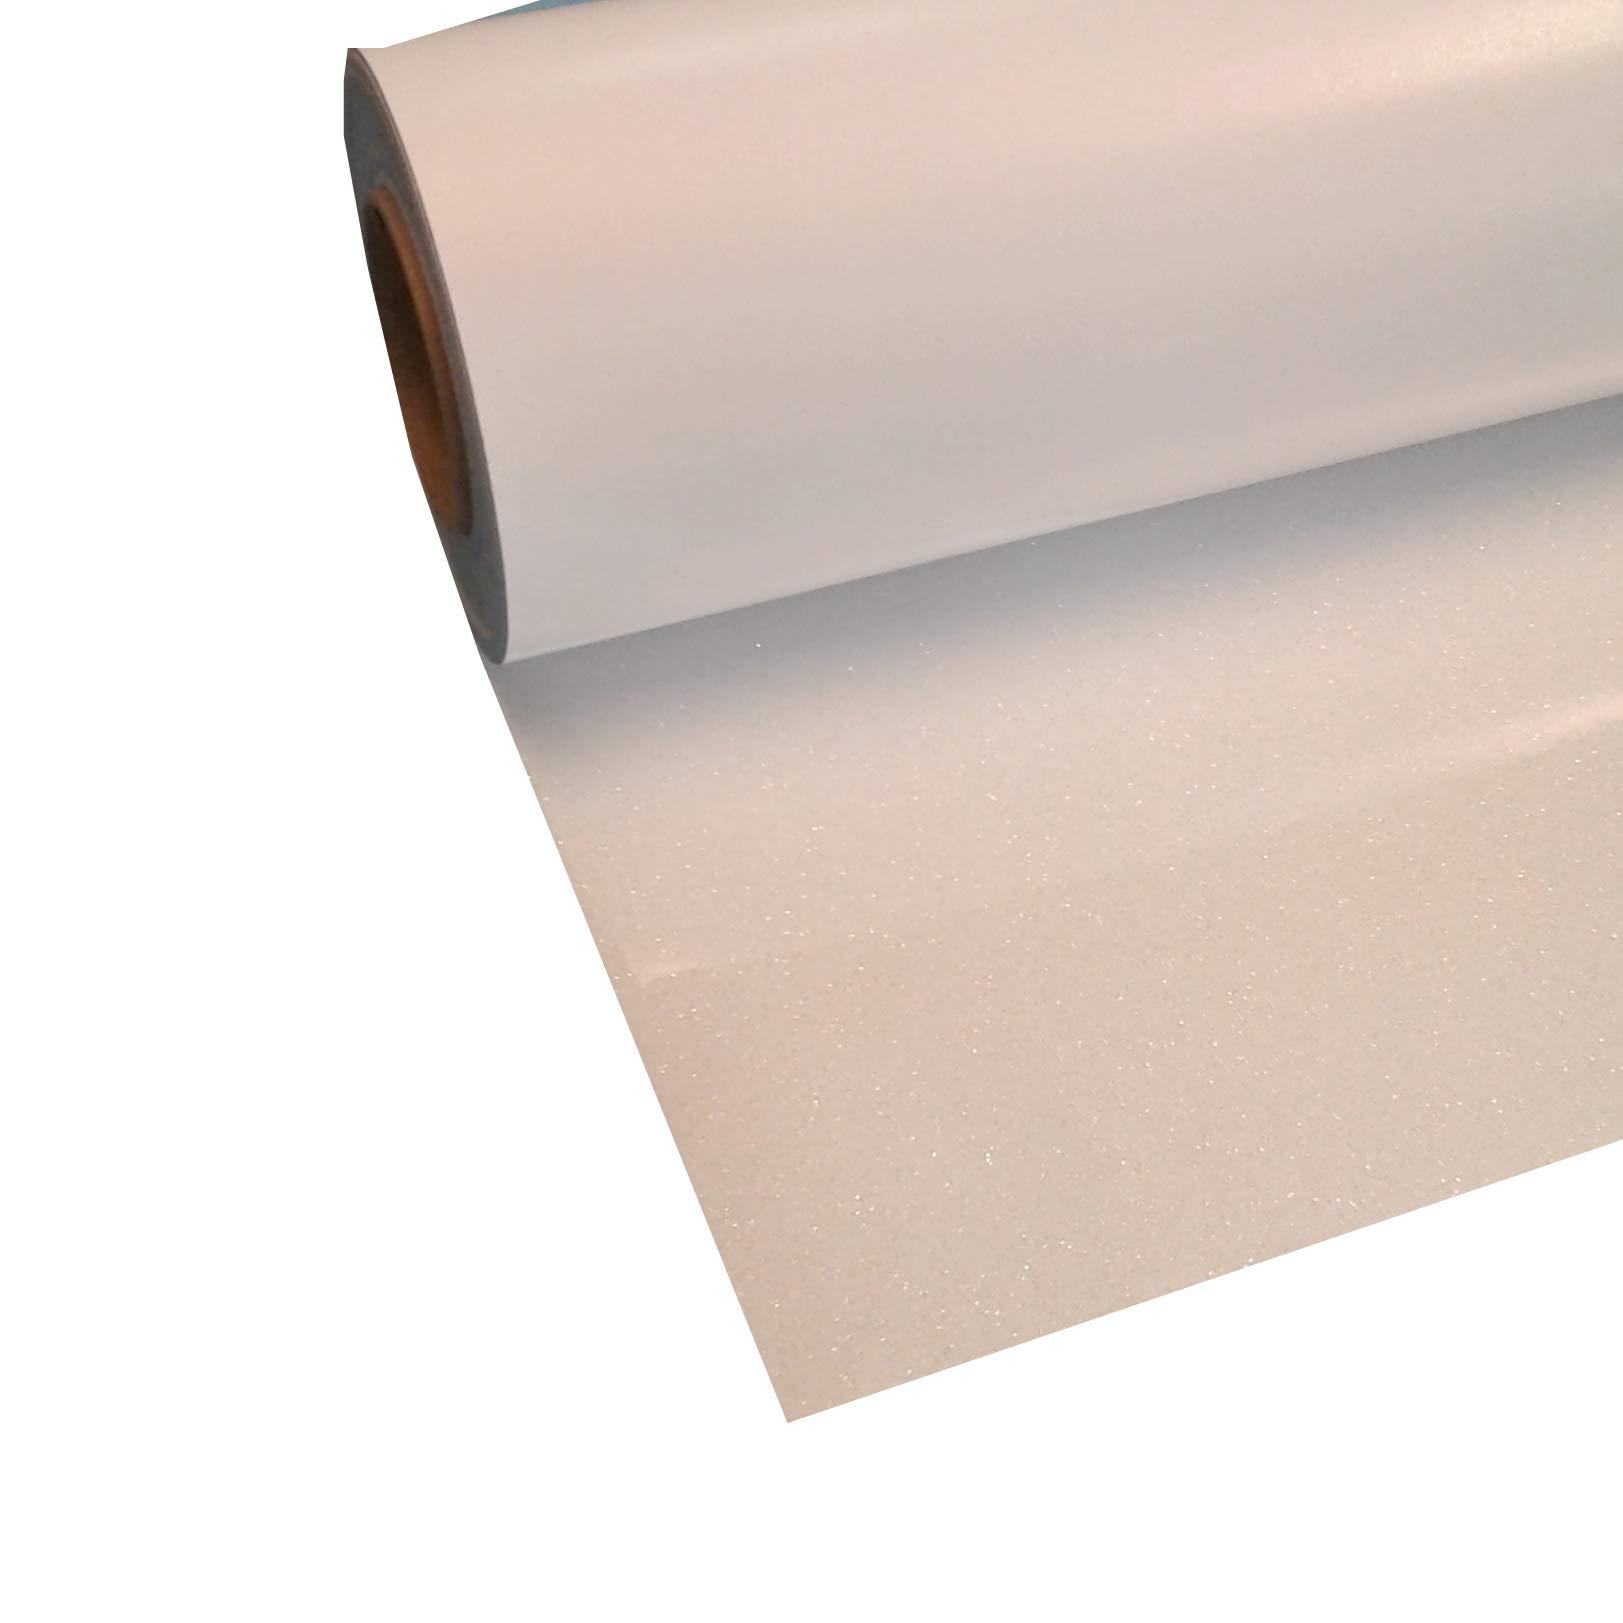 Siser Glitter White 20'' x 15' Iron on Heat Transfer Vinyl Roll, HTV